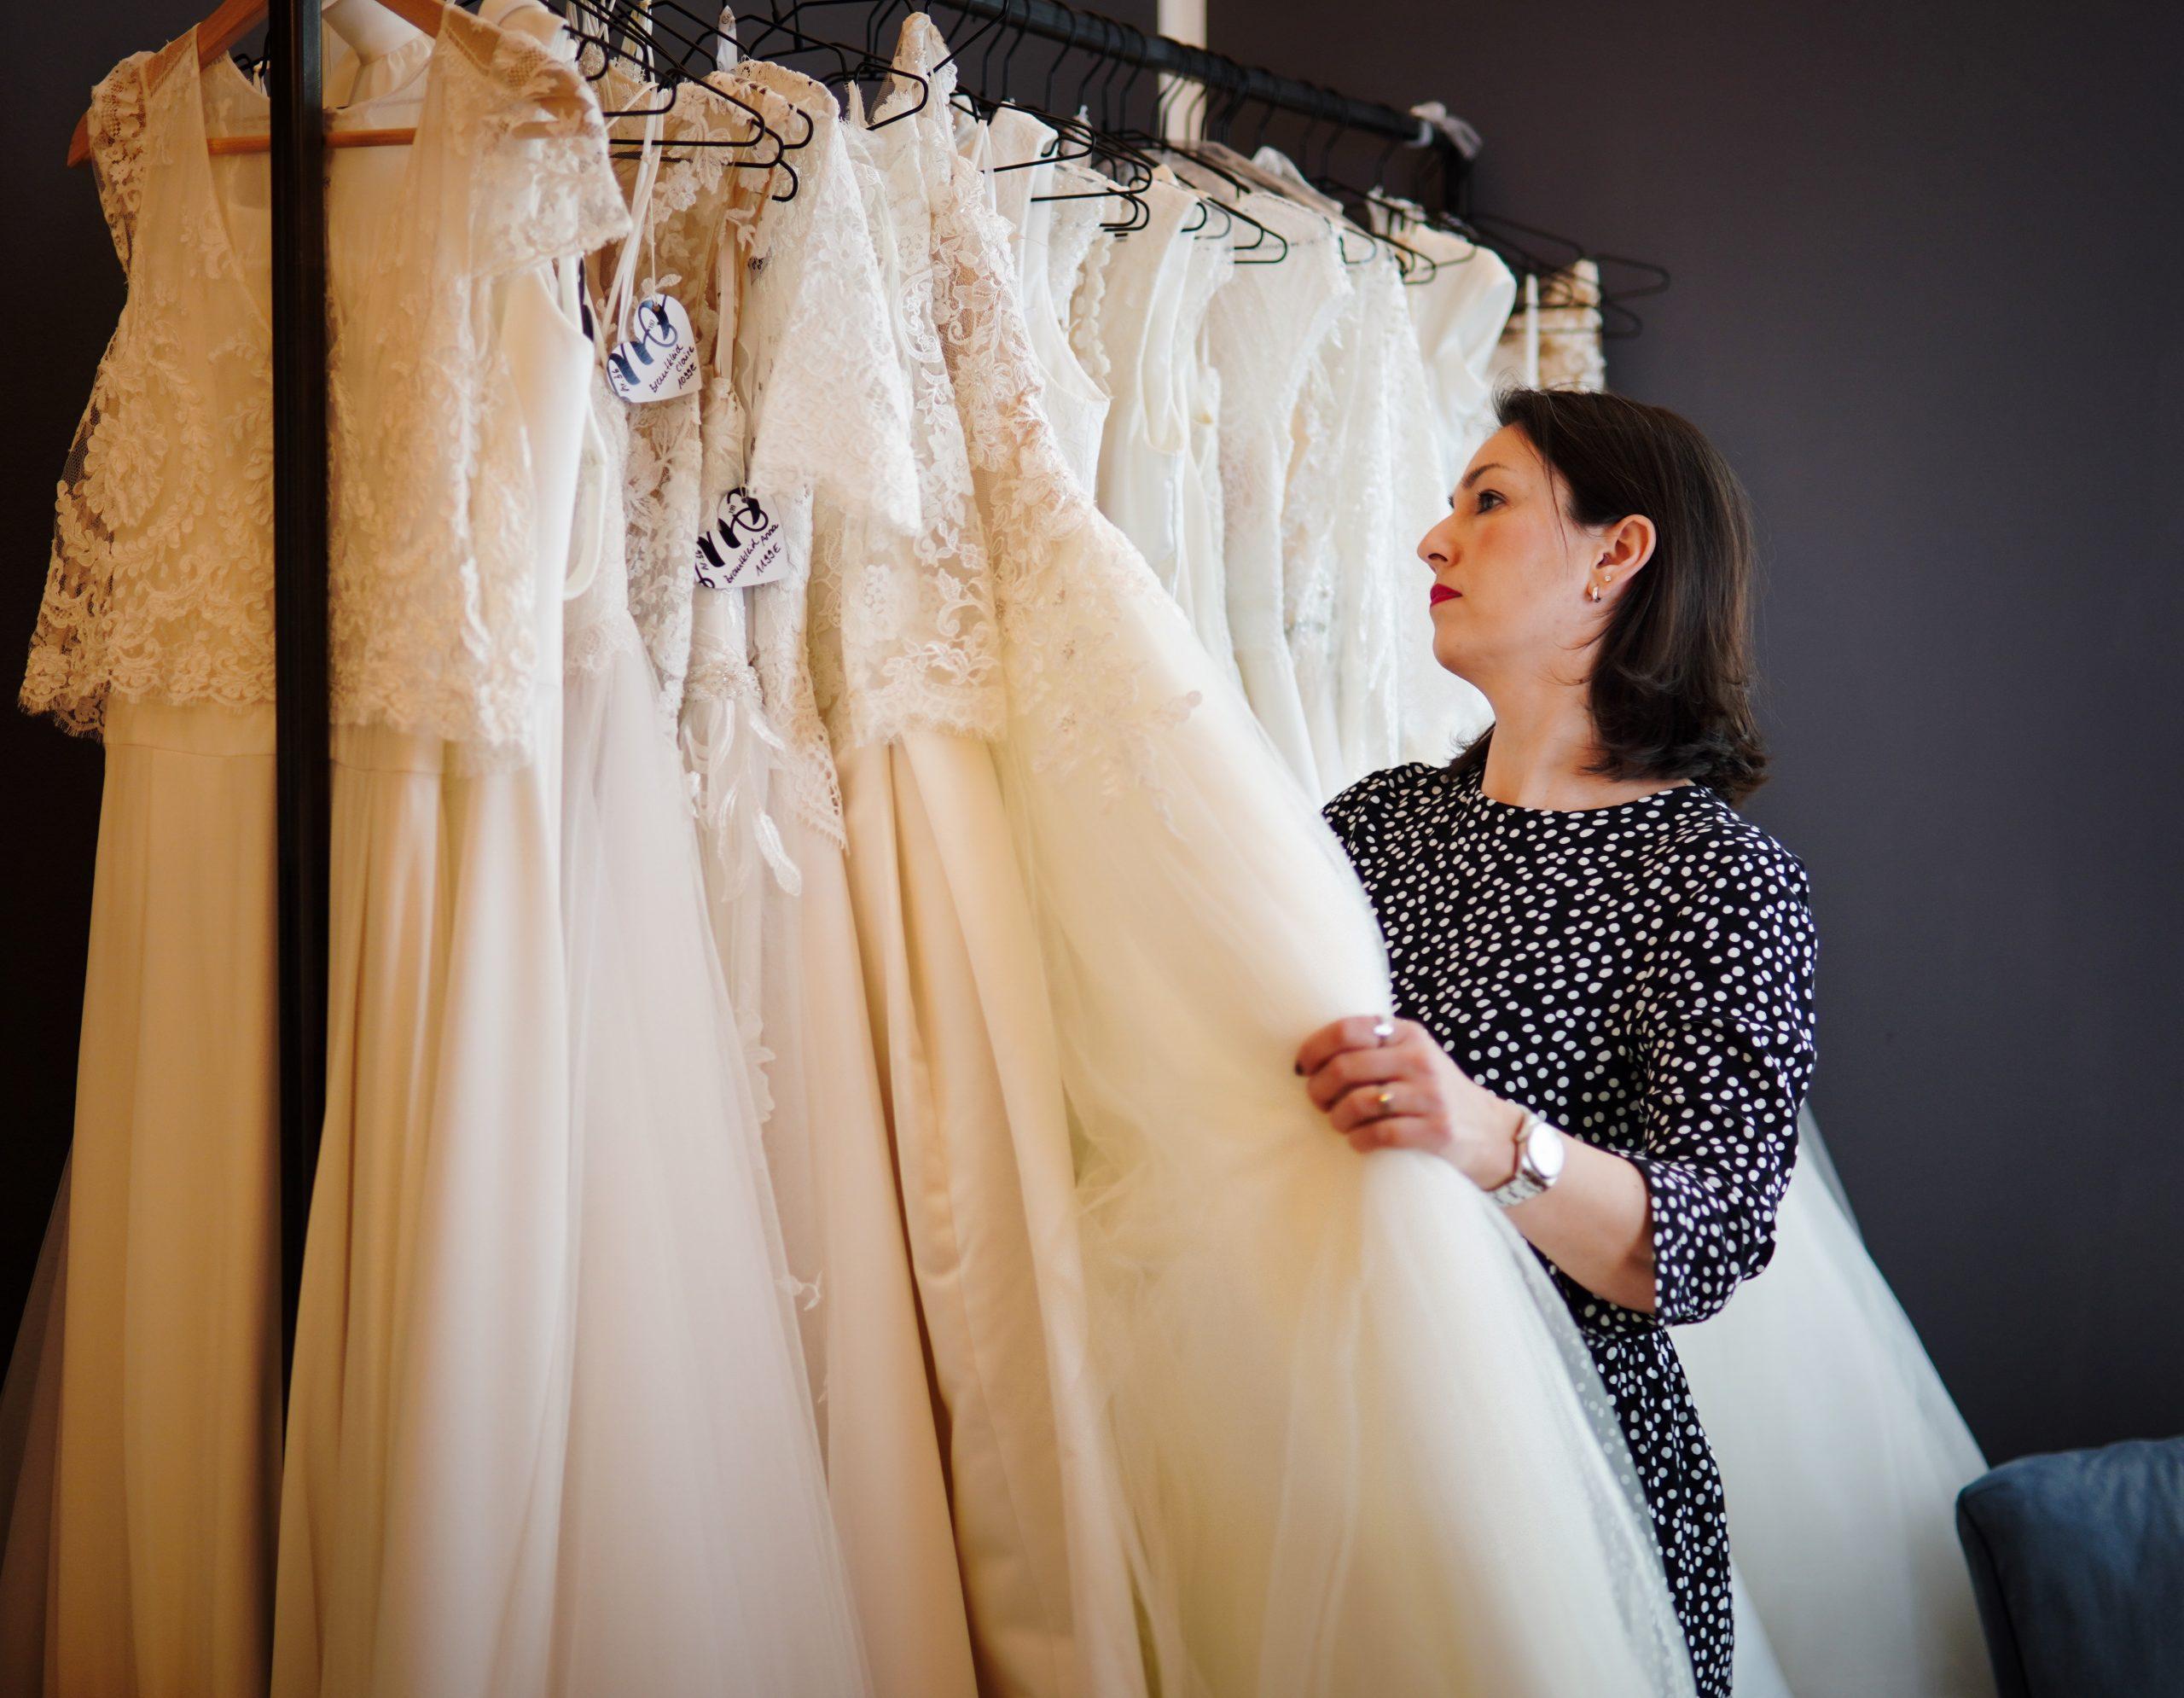 vielfältige Brautkleider im Bridal Studio hugs & kisses